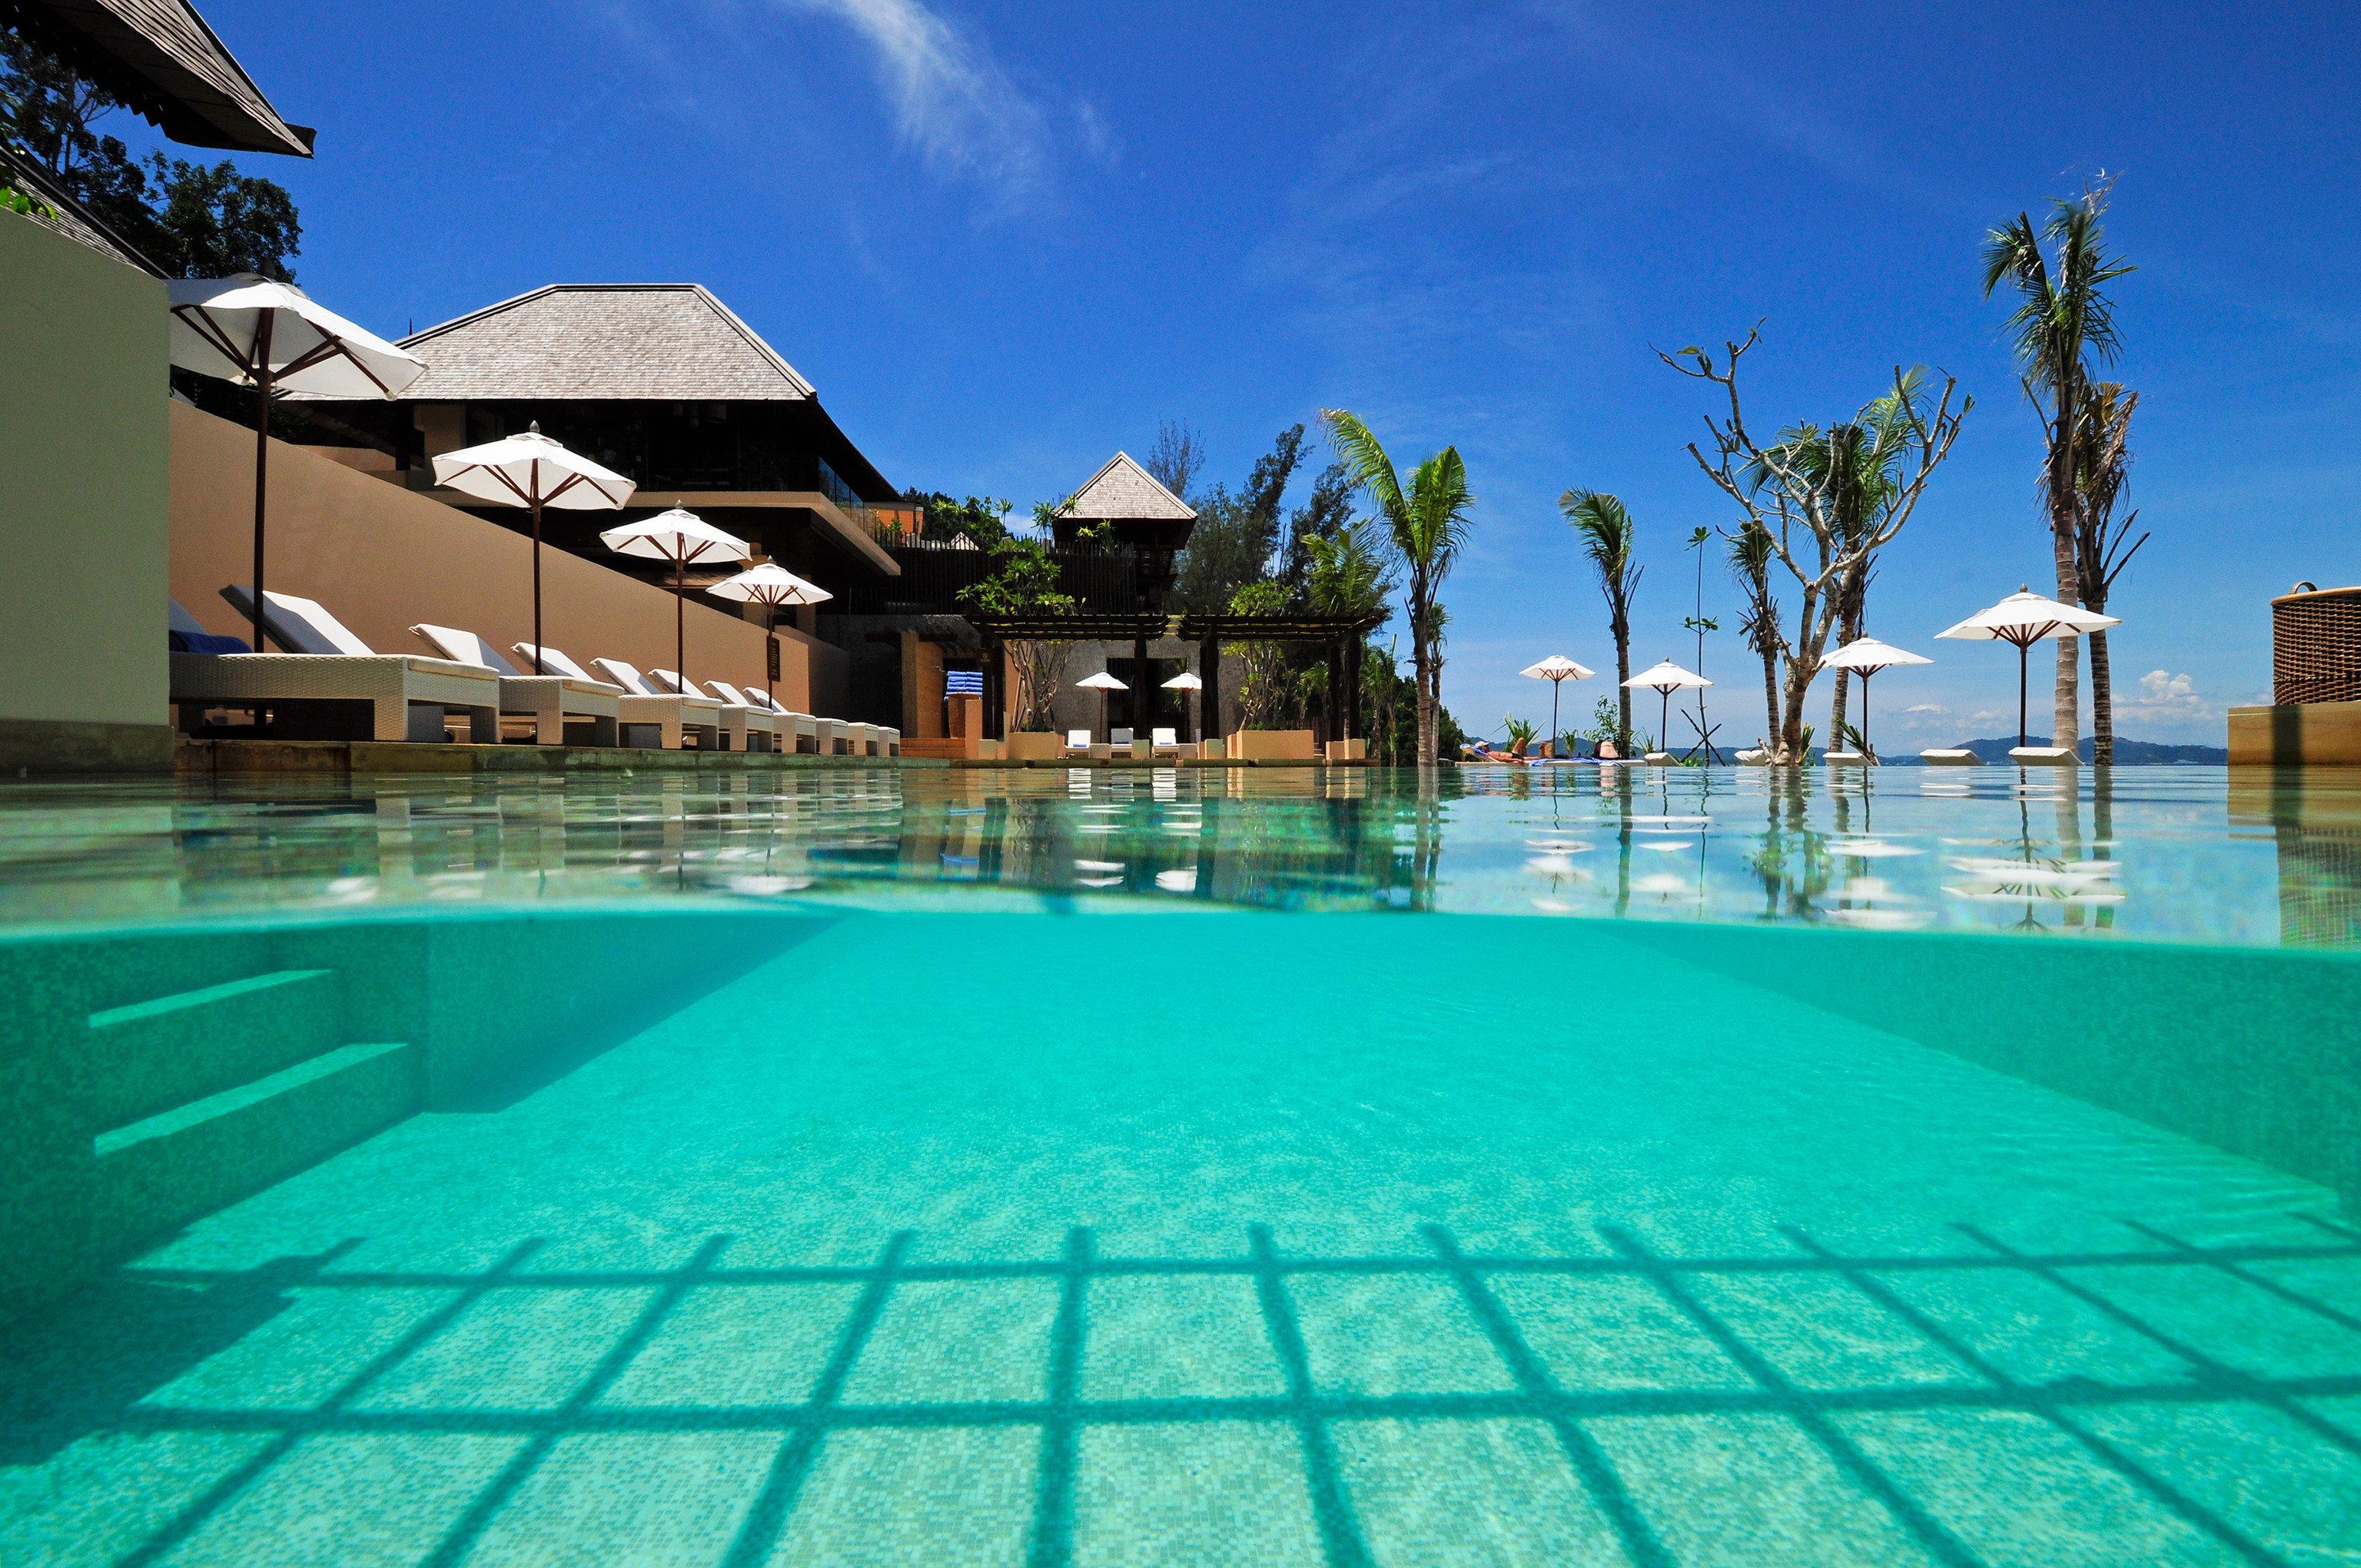 sky swimming pool leisure property Pool Resort condominium resort town blue swimming